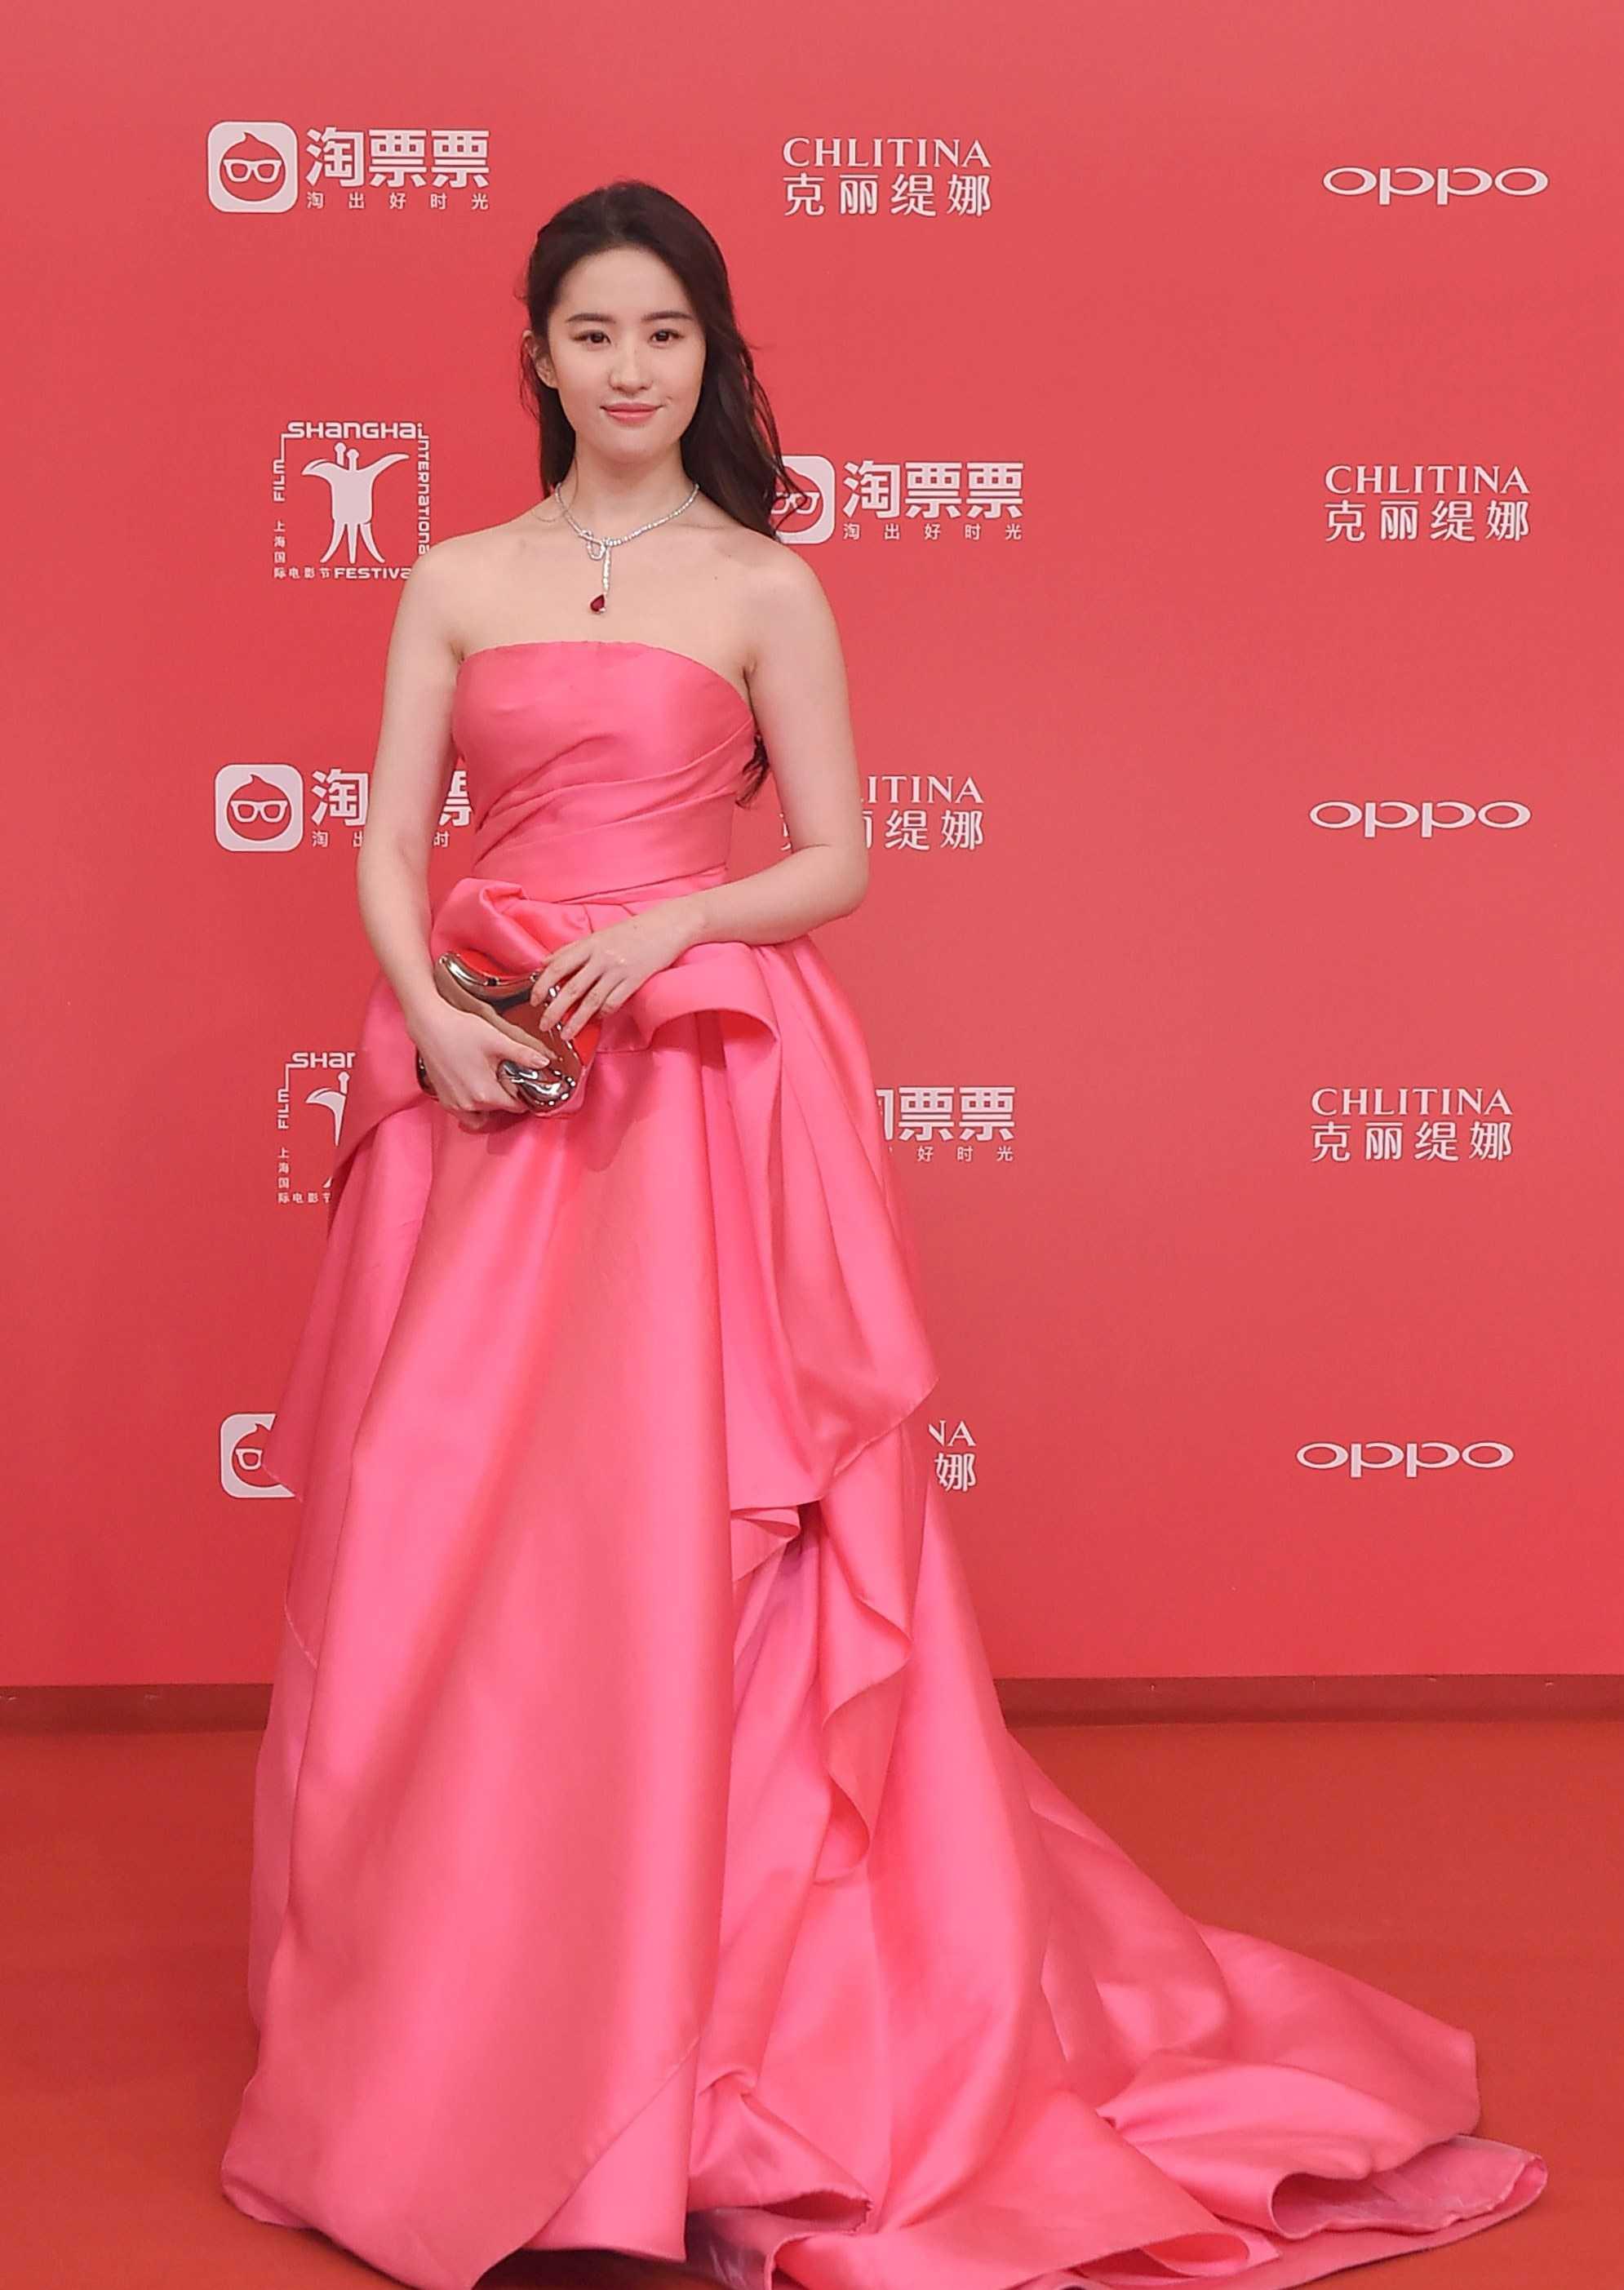 Liu Yifei Actress